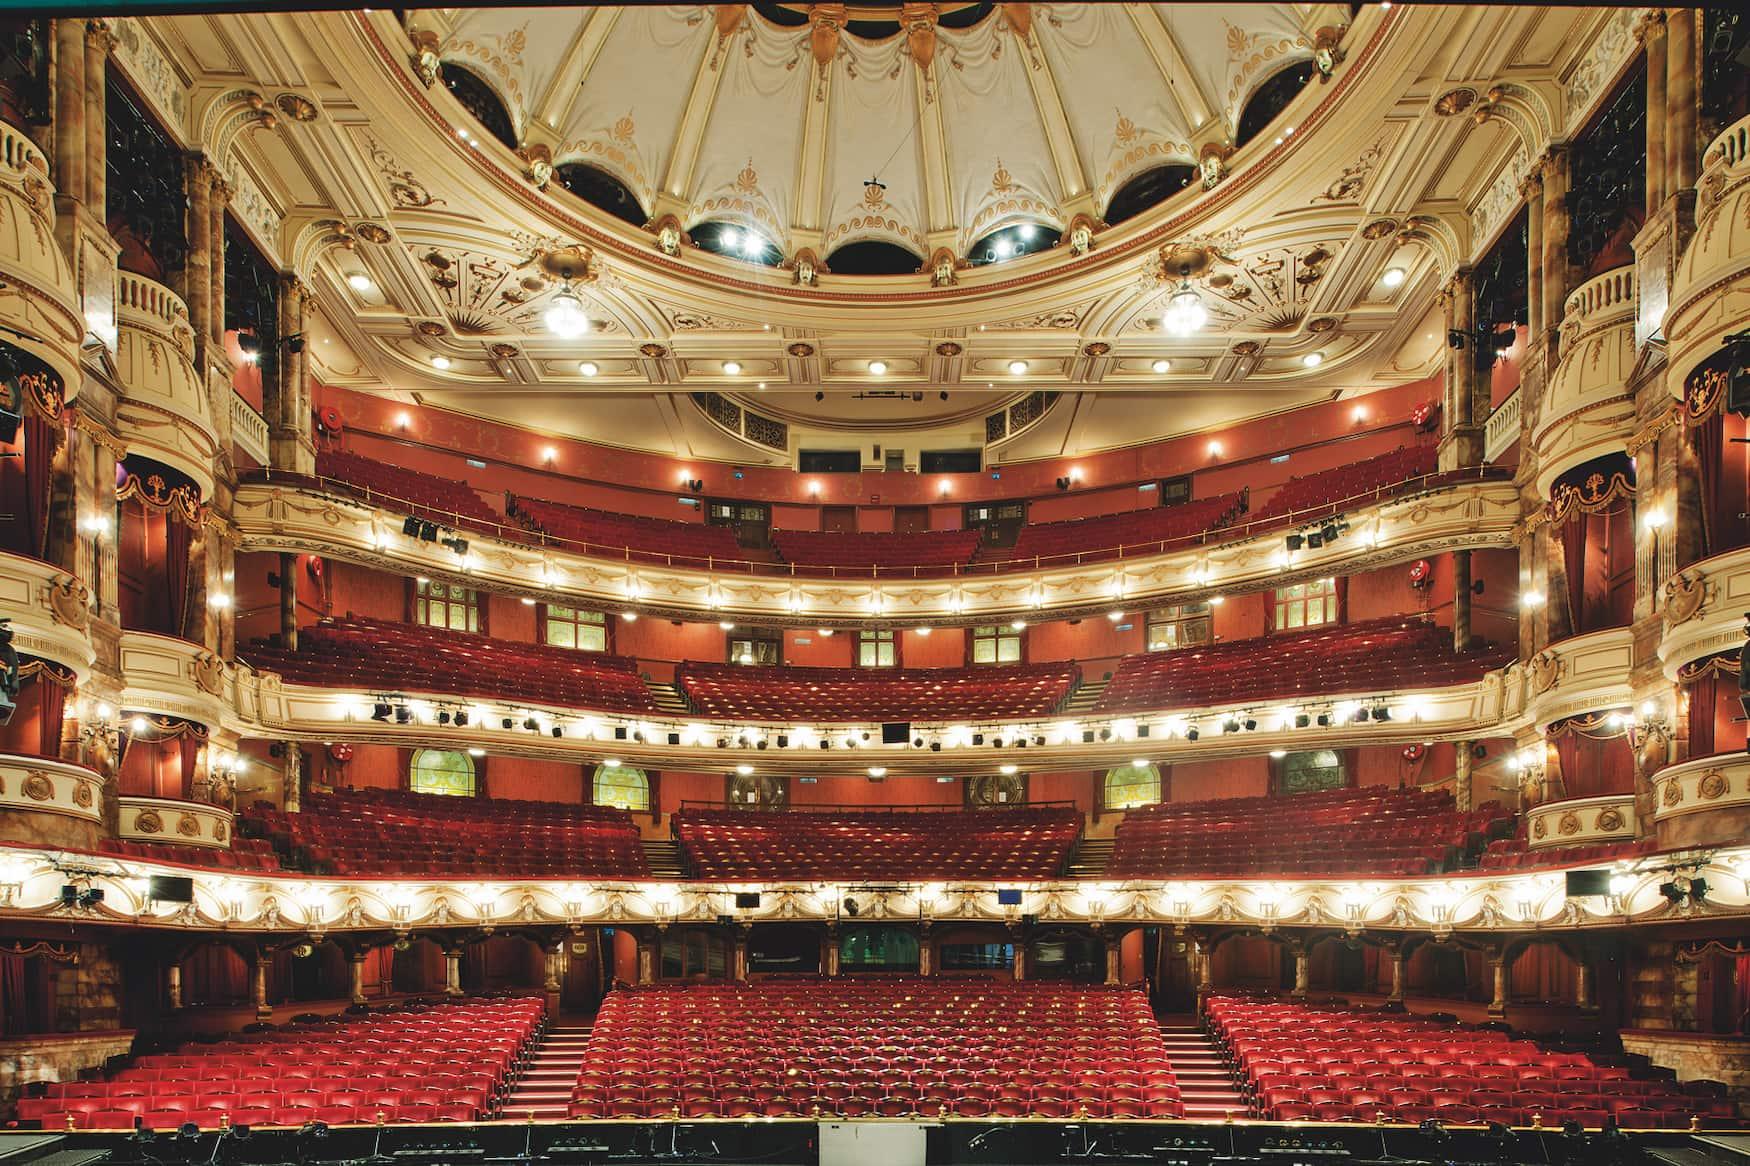 Saal im Coliseum in London mit viel rotem Samt und Gold